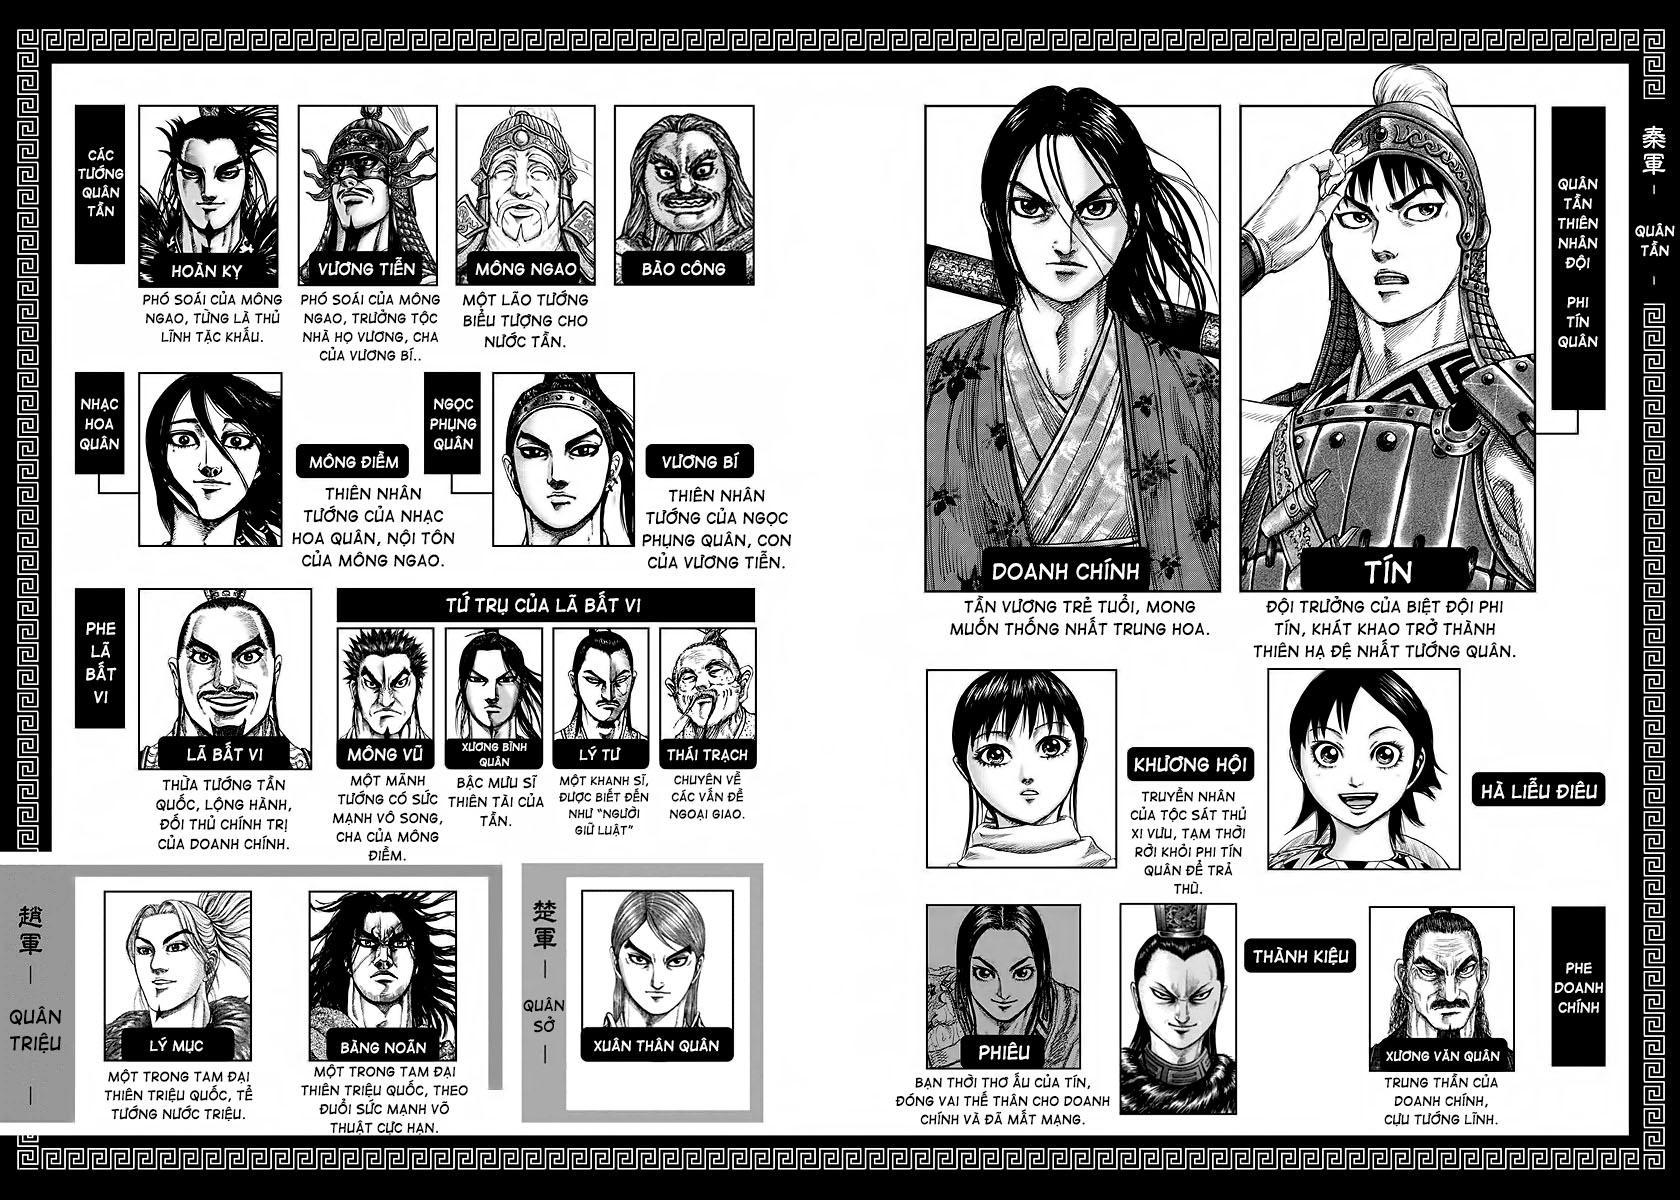 Kingdom - Vương Giả Thiên Hạ Chapter 262 page 5 - IZTruyenTranh.com